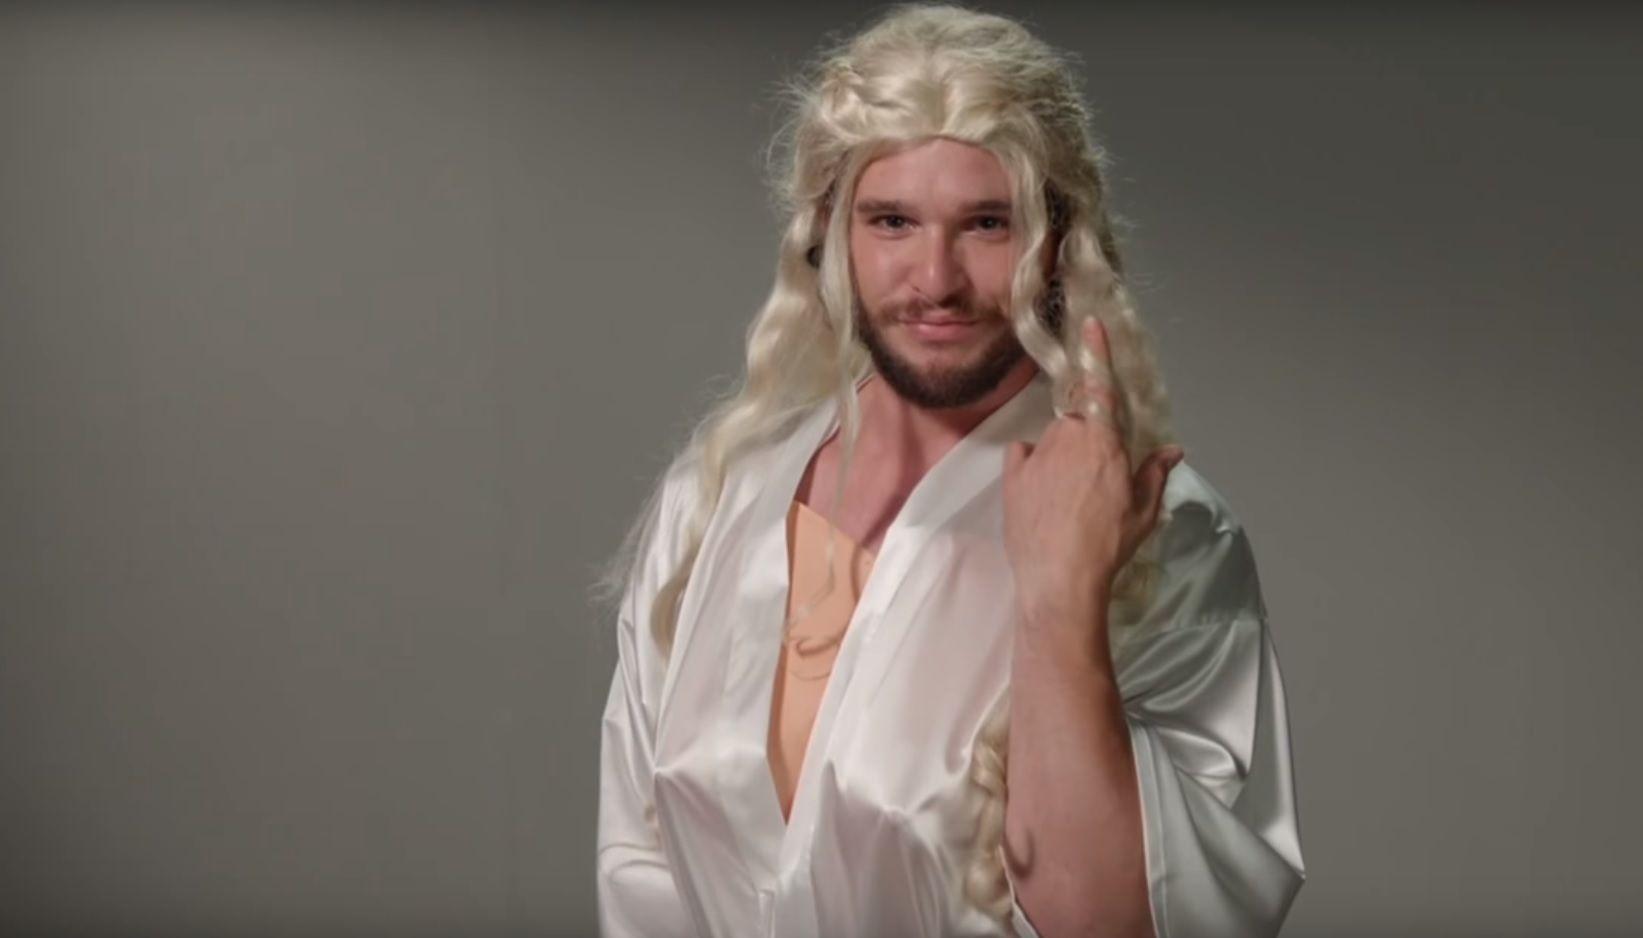 Kit Harington as Daenerys Targaryen in Game of Thrones